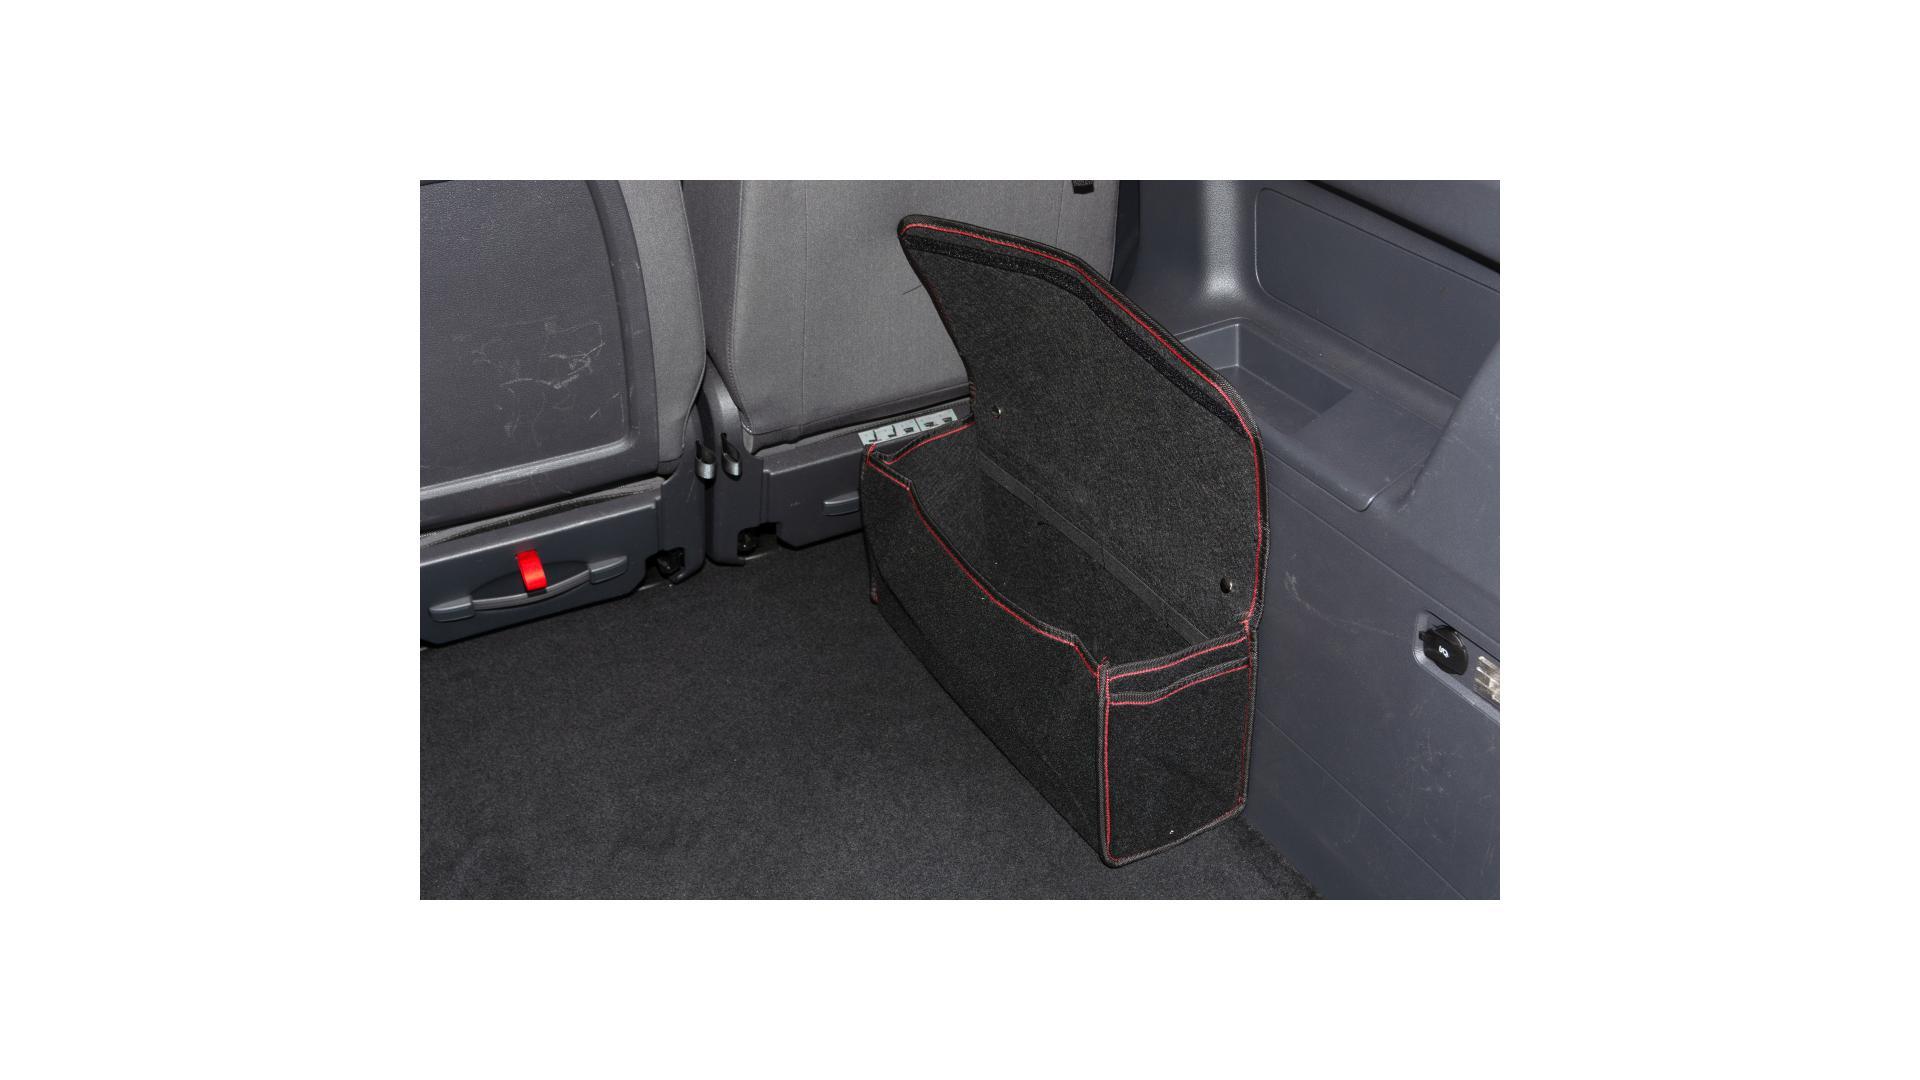 4CARS Organizér zavazadlového prostoru 50x22x15 cm